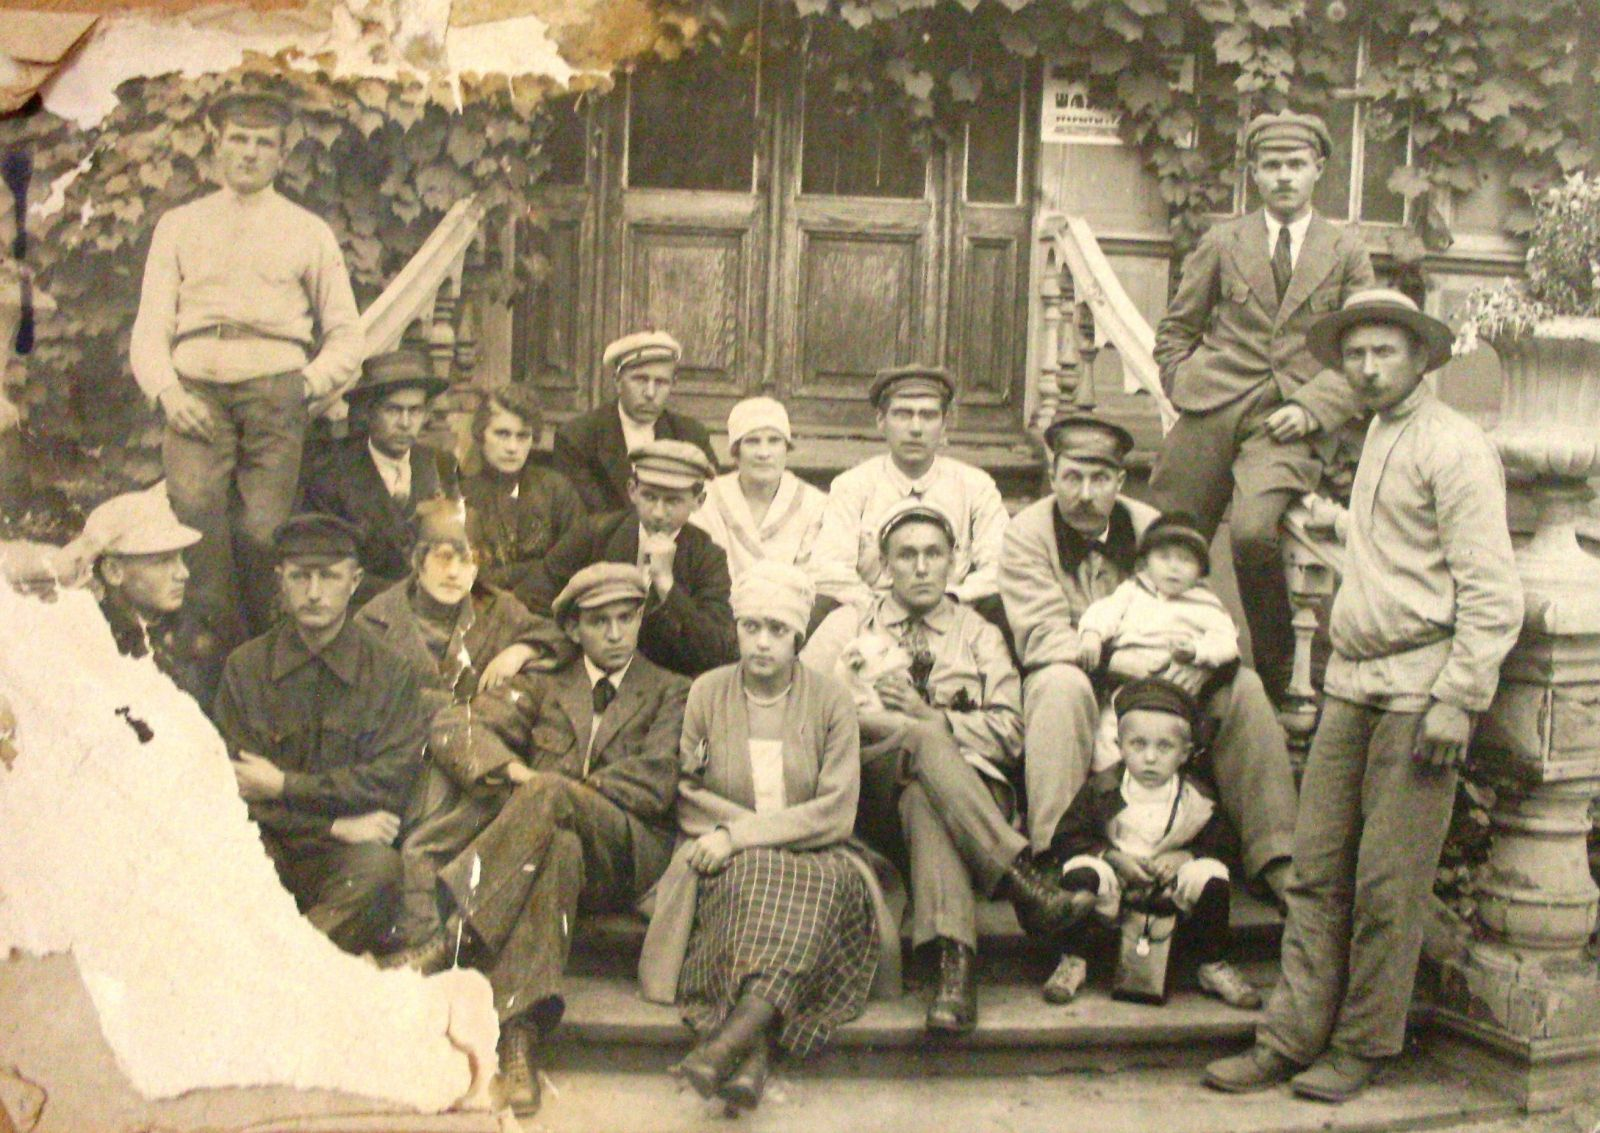 Робітники харківського паровозобудівельного влітку 1918-го, за часів гетьманату. Вид цілком пристойний. Але хотілося більшого